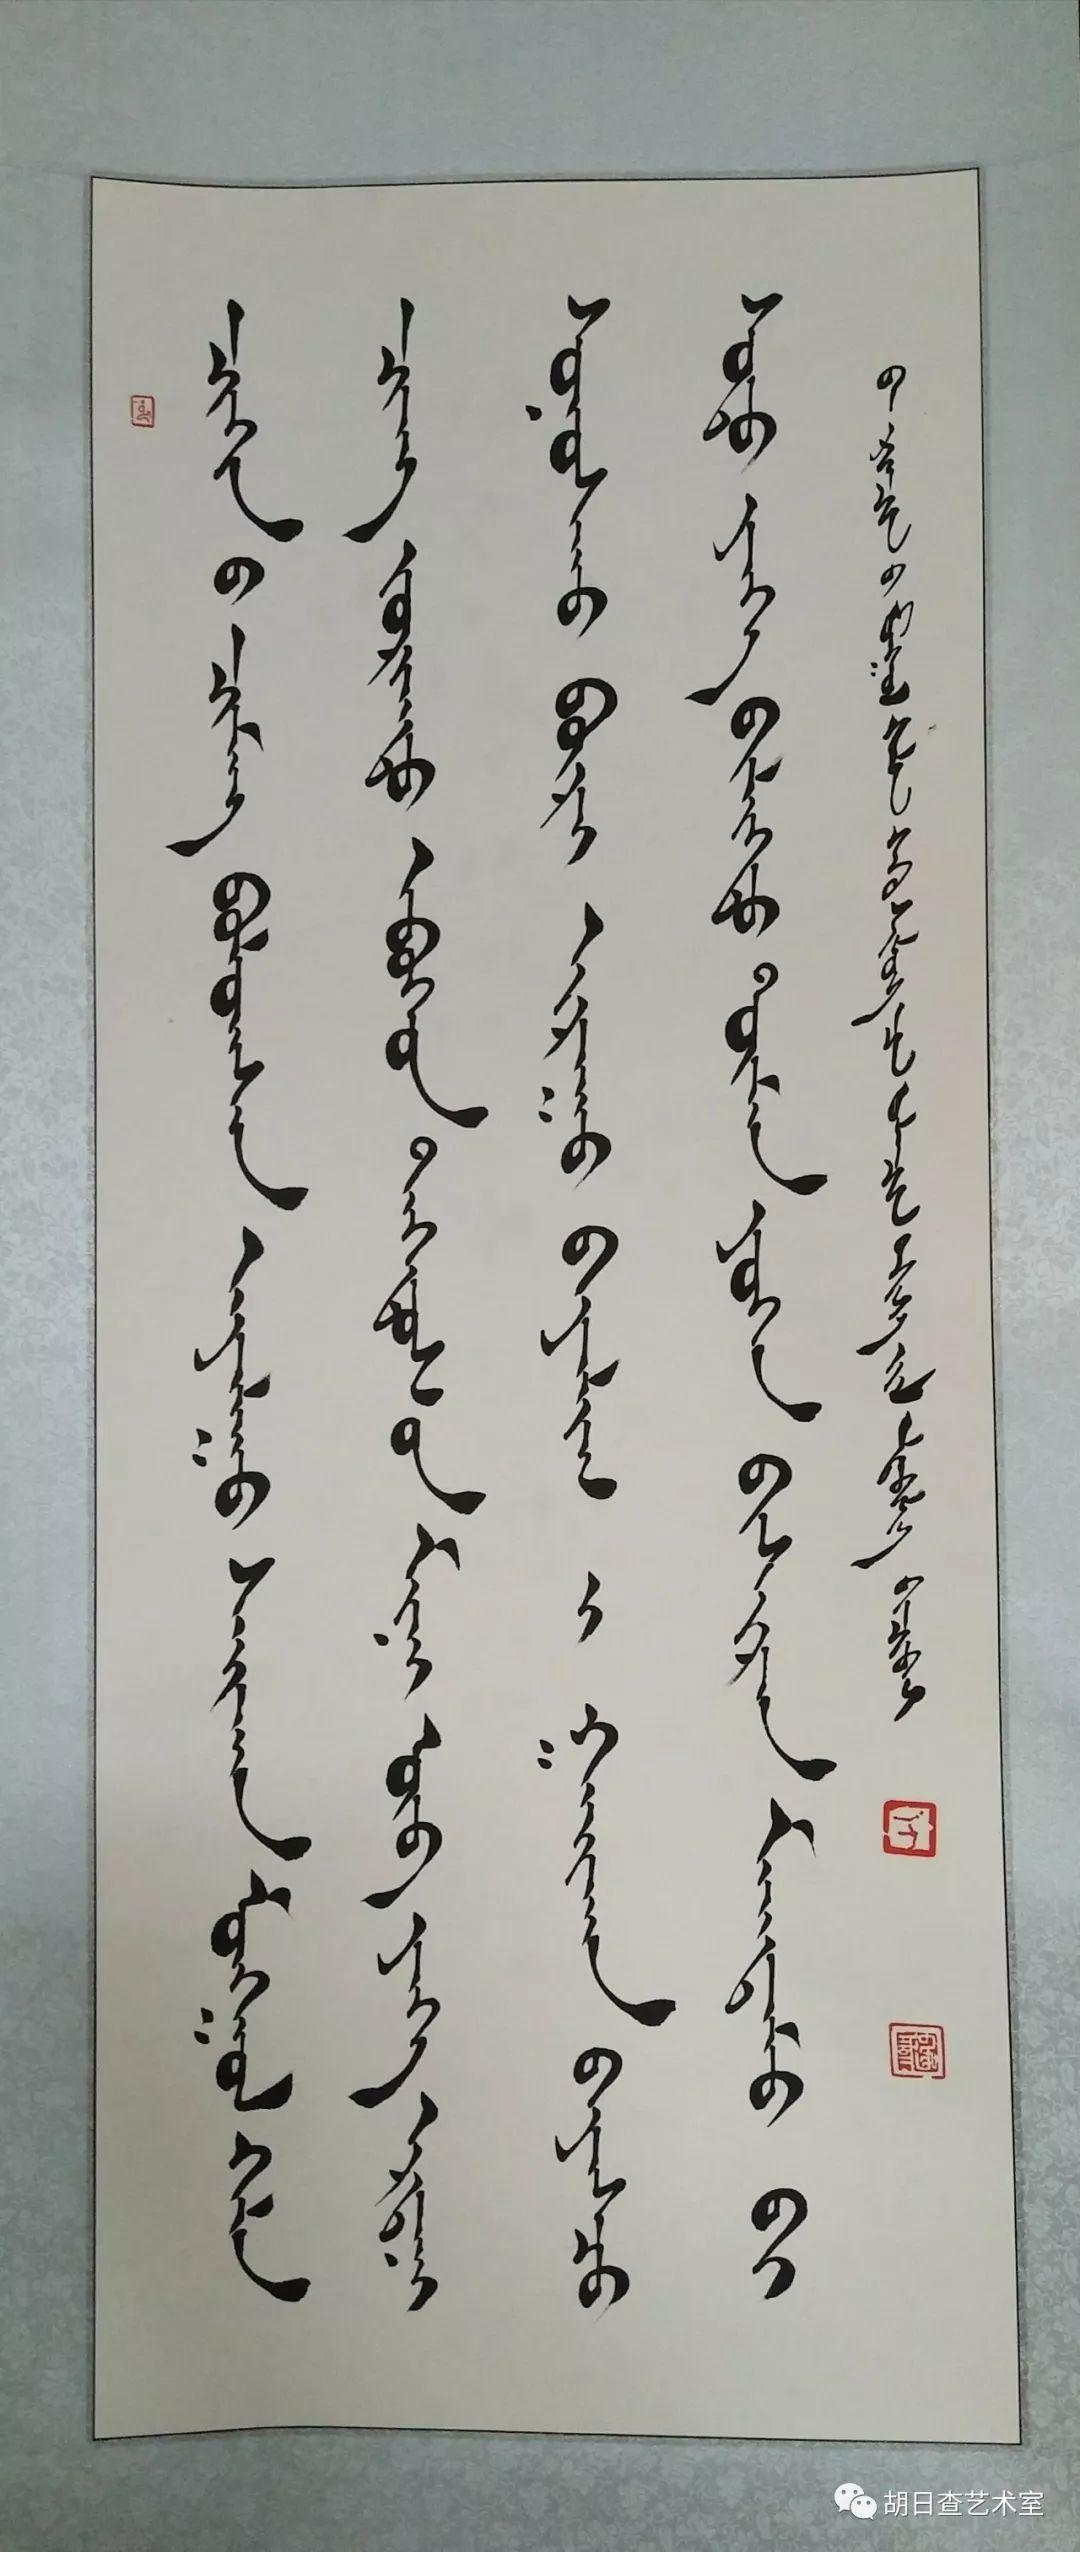 阿拉腾毕力格 • 蒙古文书法作品欣赏 第5张